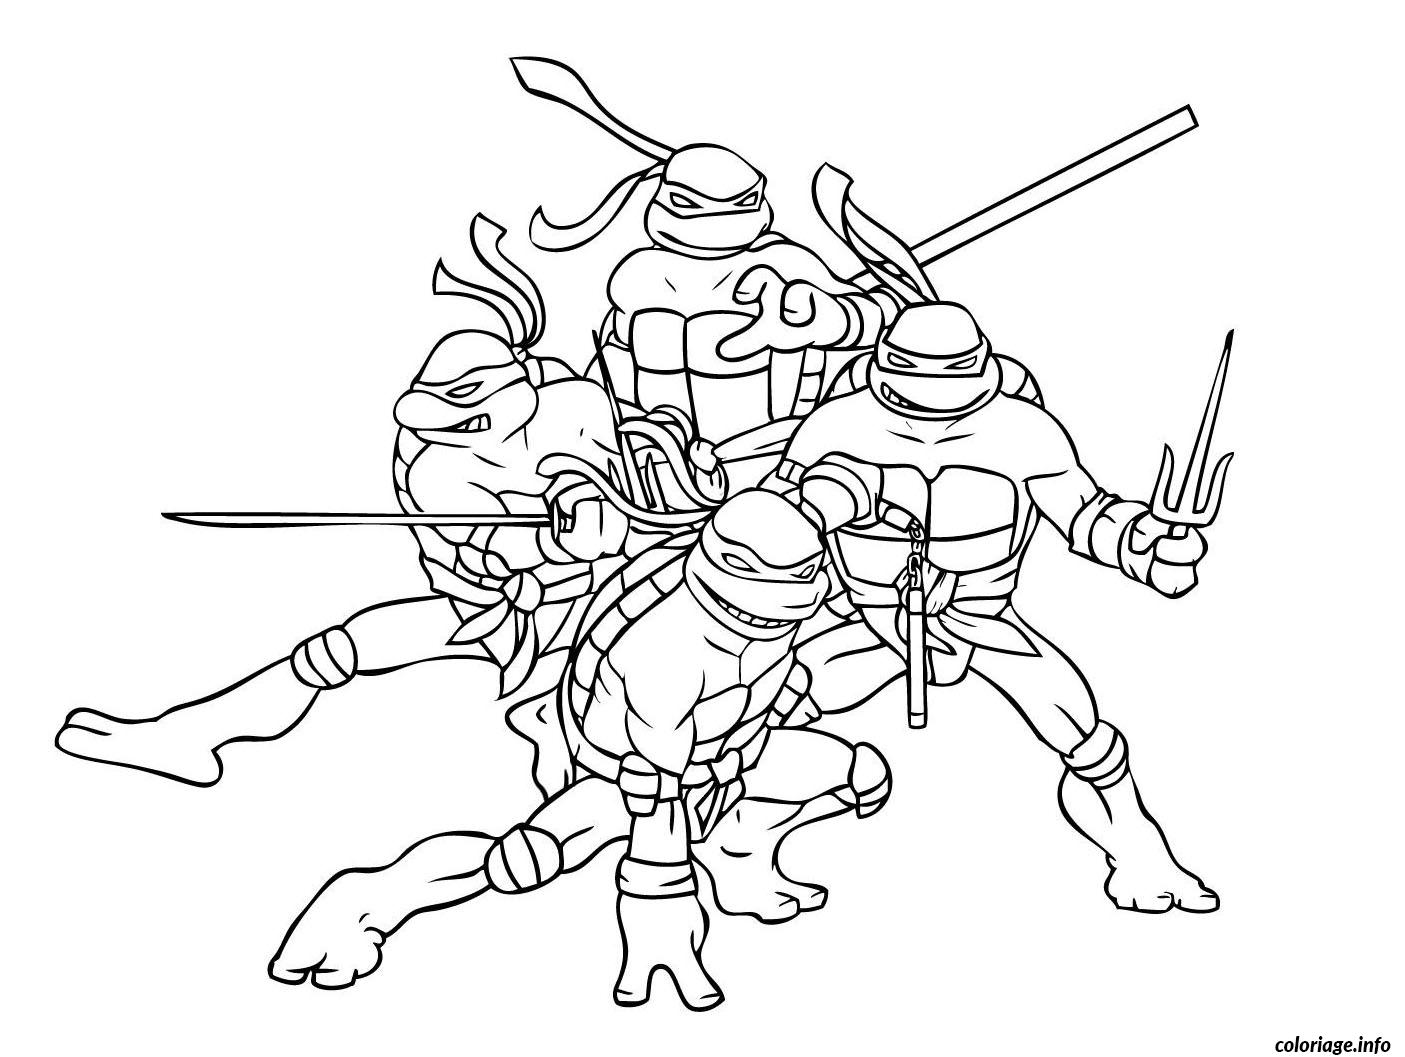 Coloriage tortue ninja 2 - JeColorie.com